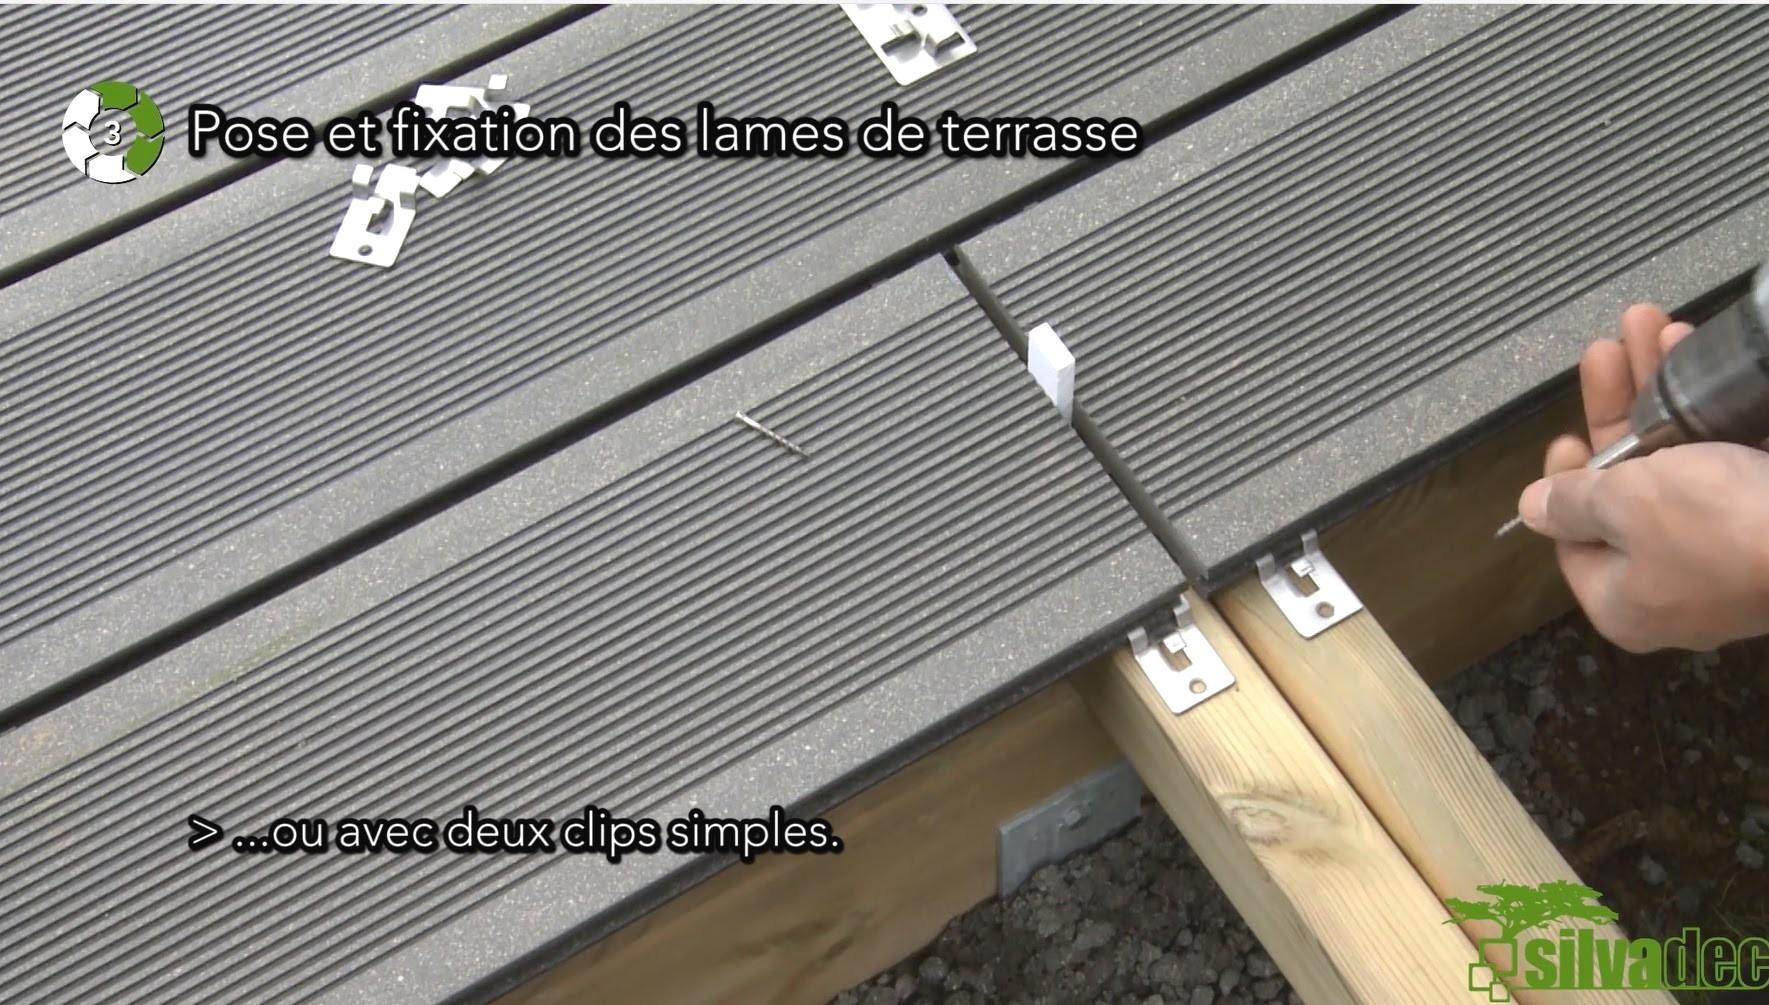 Lame De Terrasse posite Pas Cher 1 Clic 6 Tapes Votre